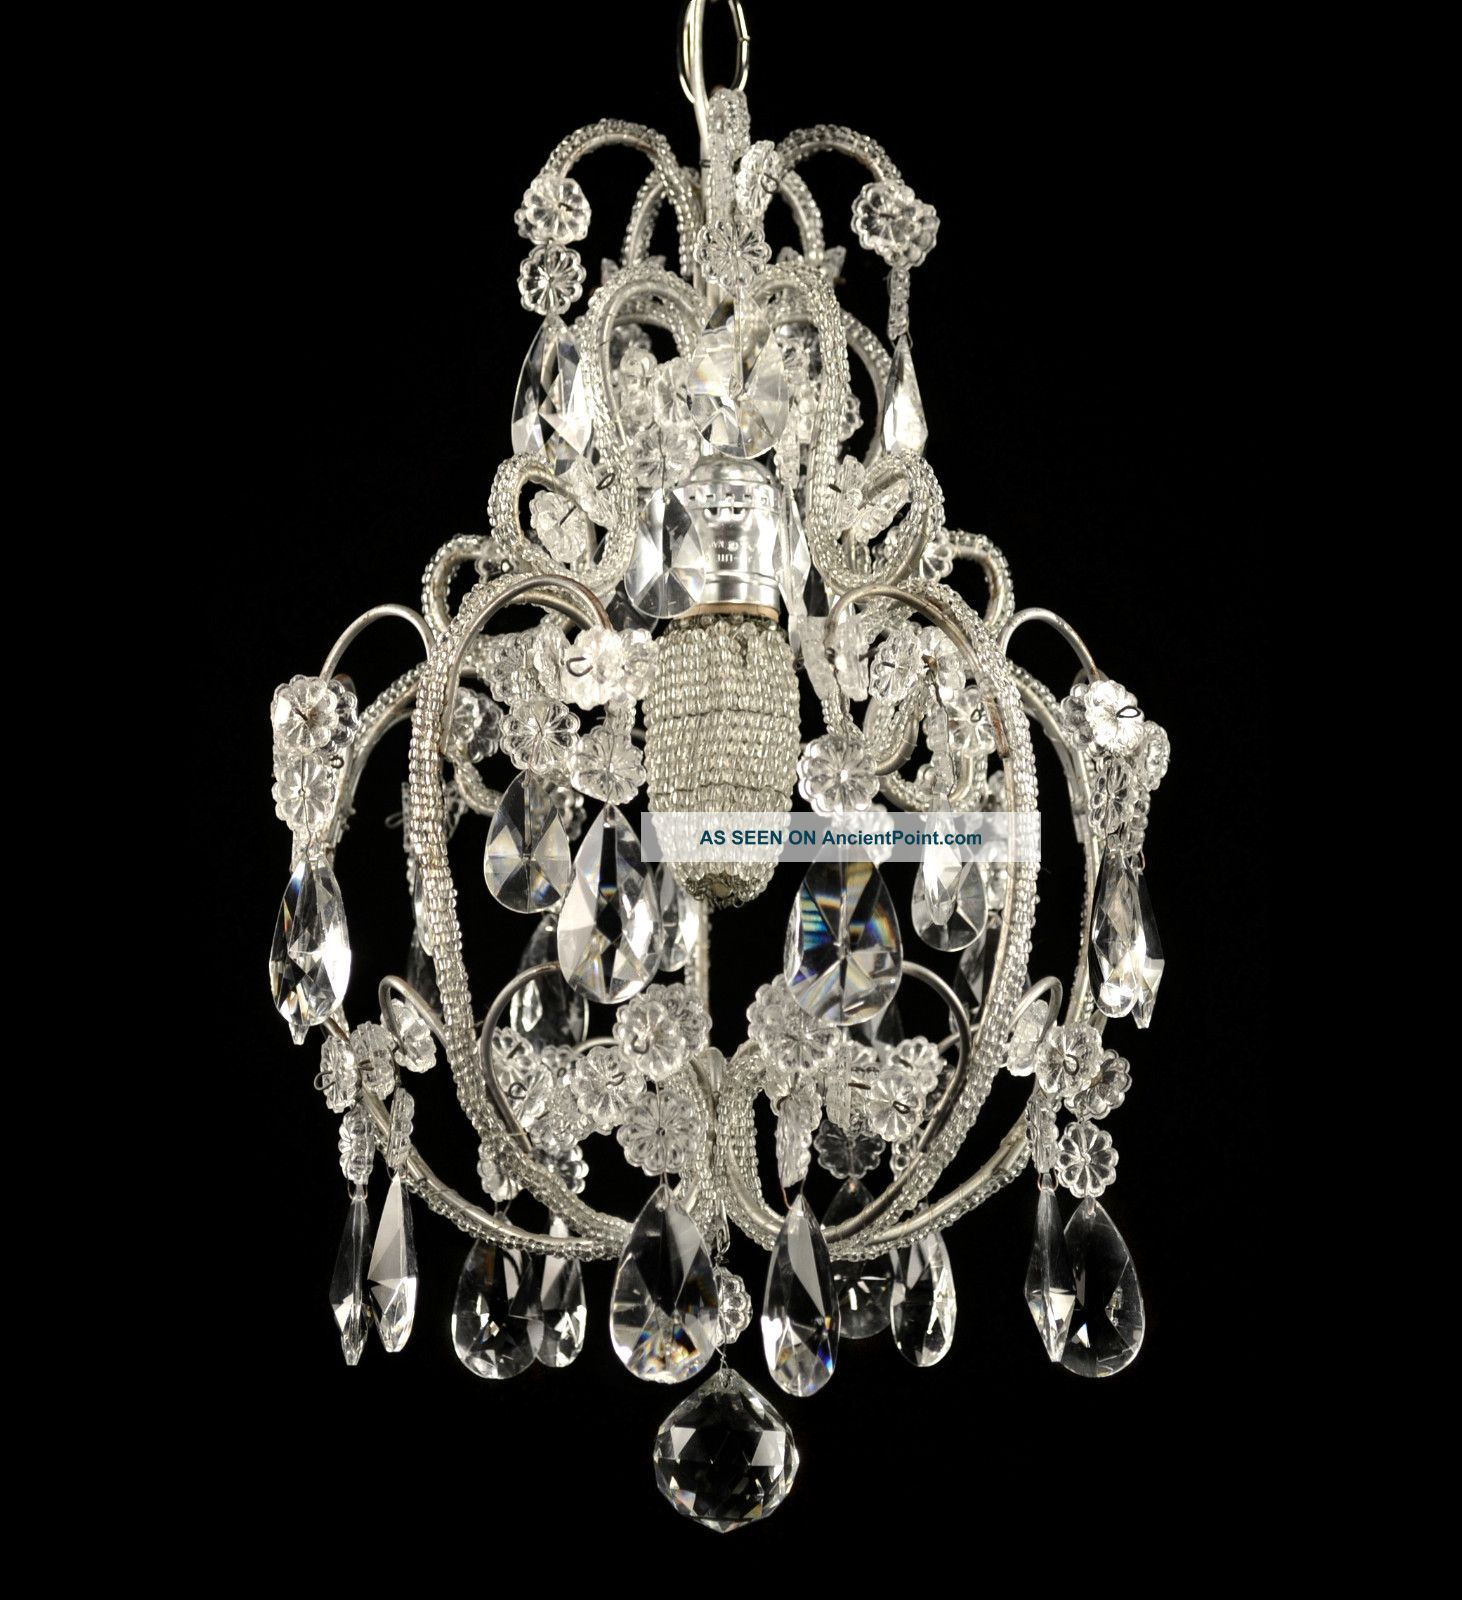 Antique crystal chandelier vintage glass light pendant french antique crystal chandelier vintage glass light pendant french italian restored arubaitofo Images